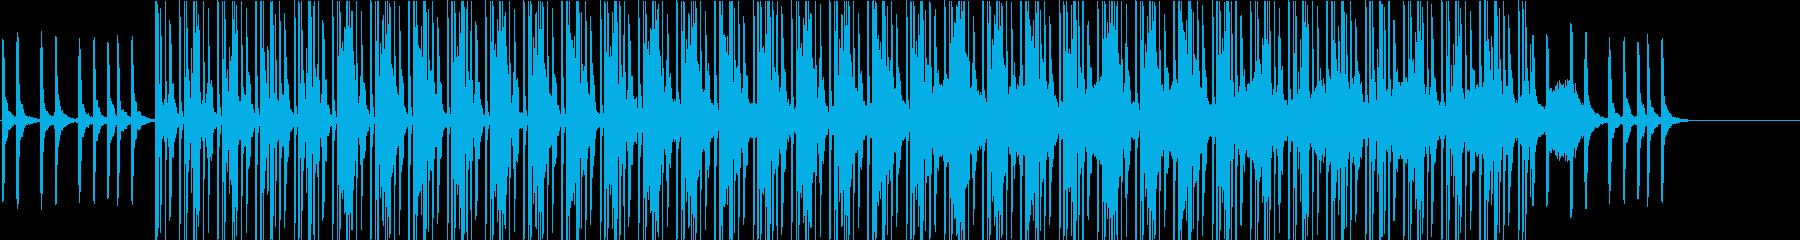 淡々とした80年代中盤風テクノの再生済みの波形